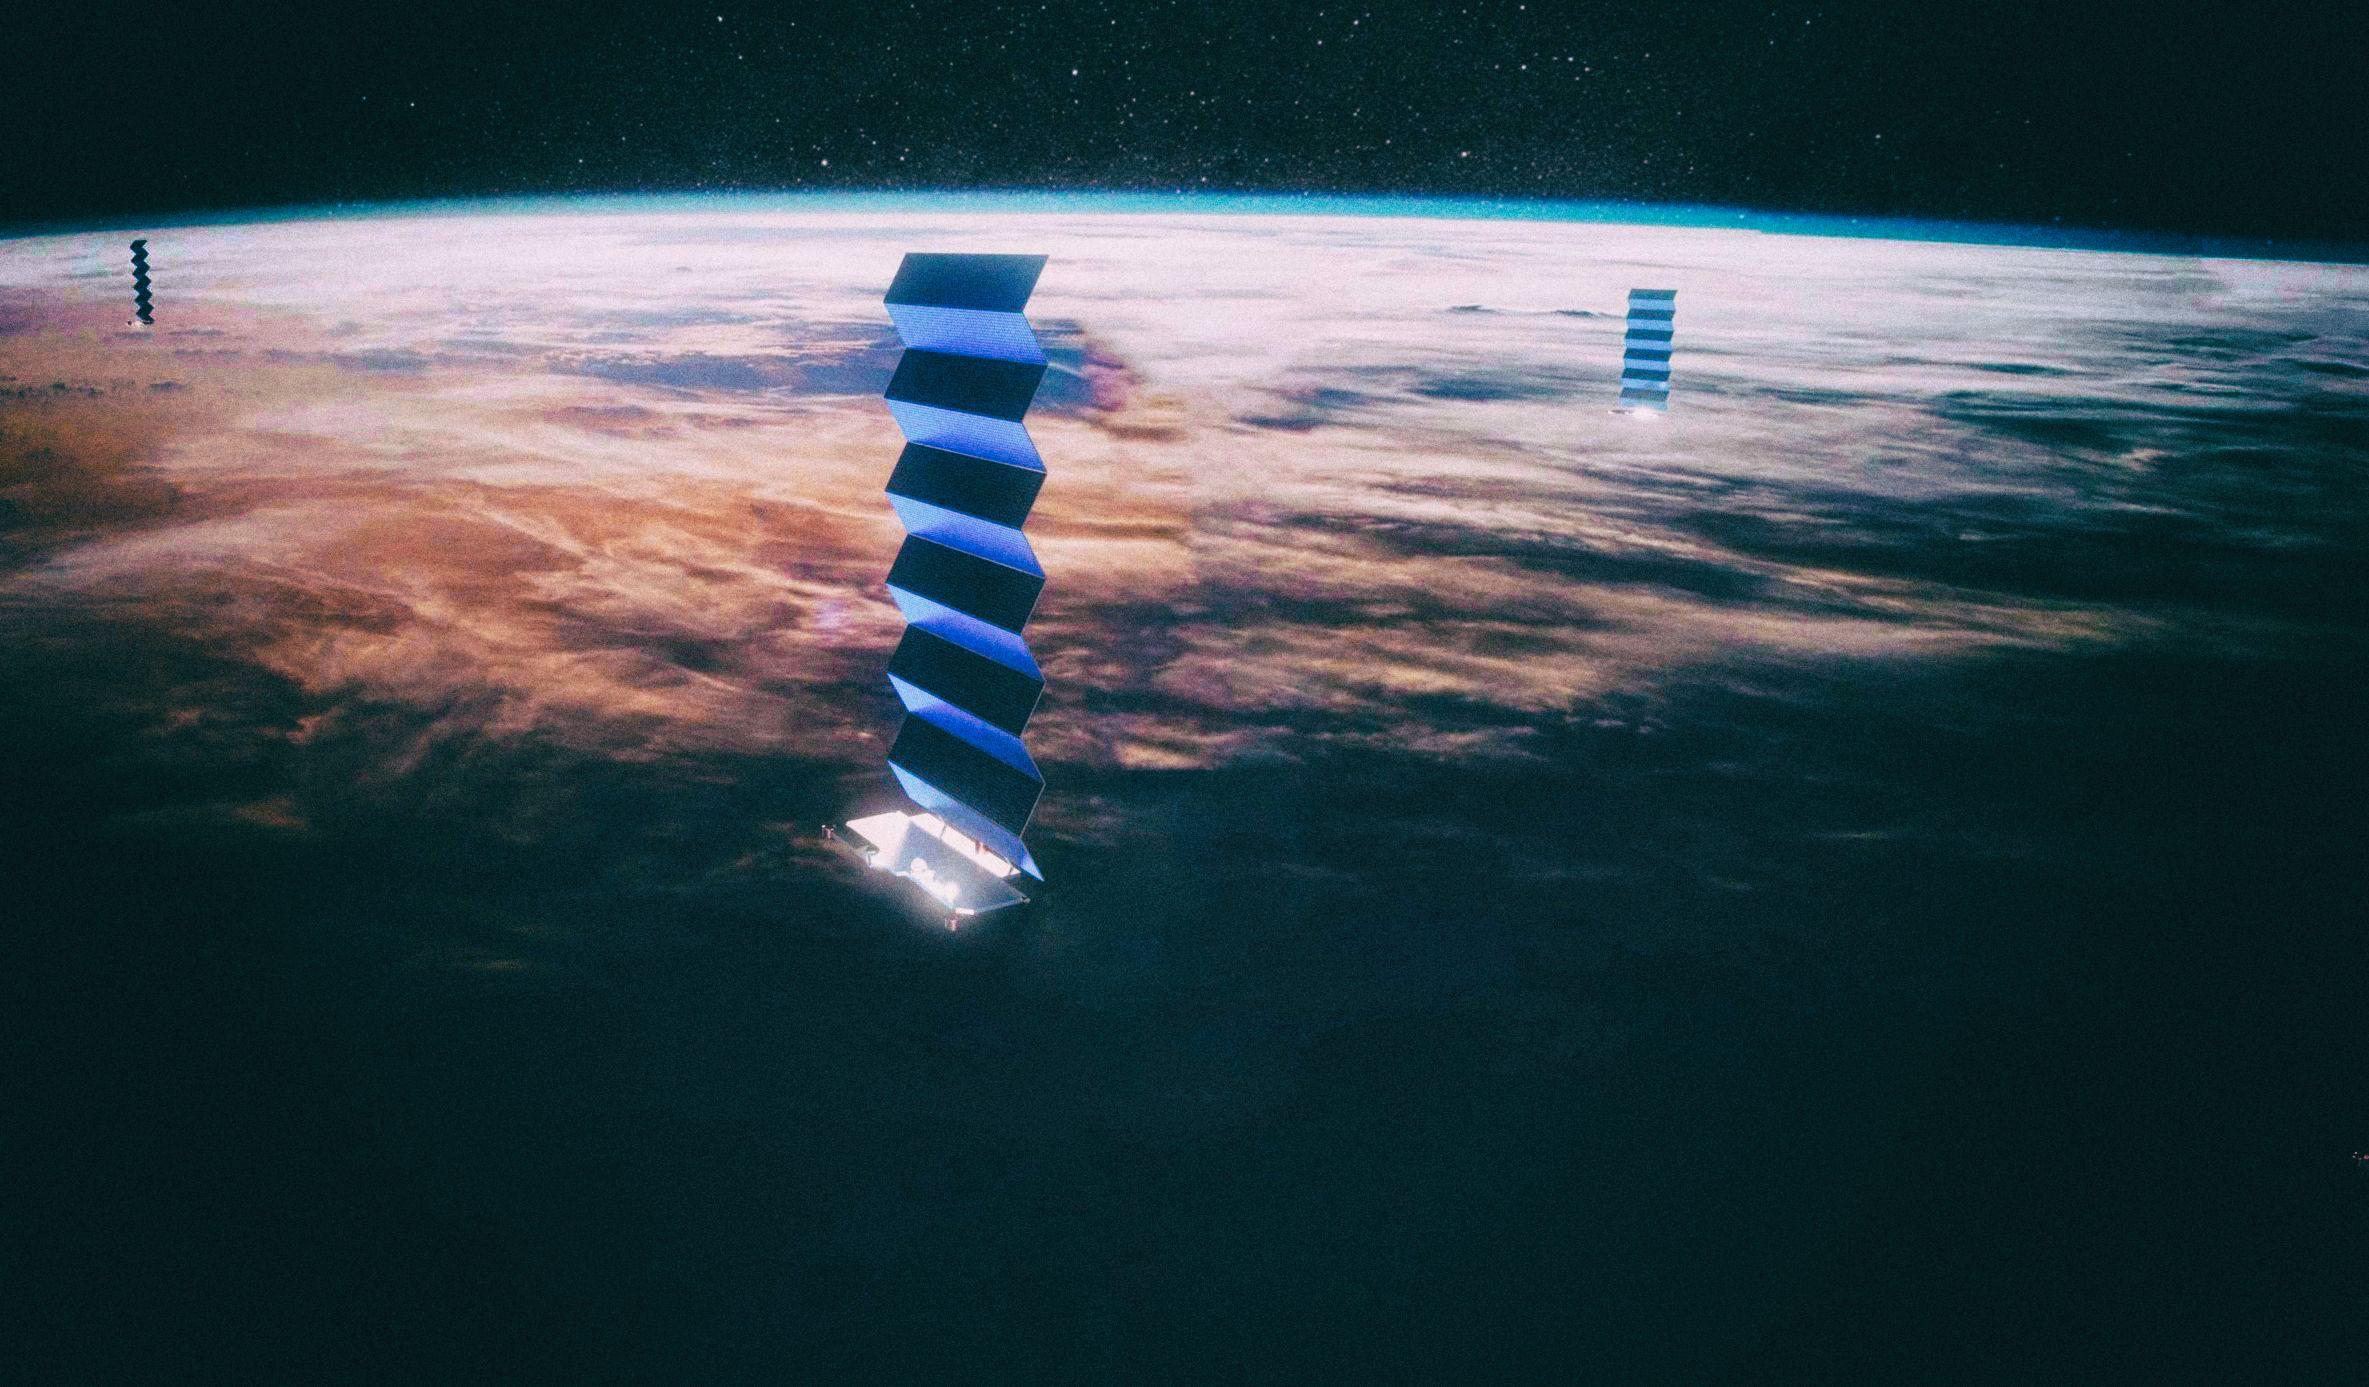 Затемненные спутники SpaceX все еще мешают астрономам